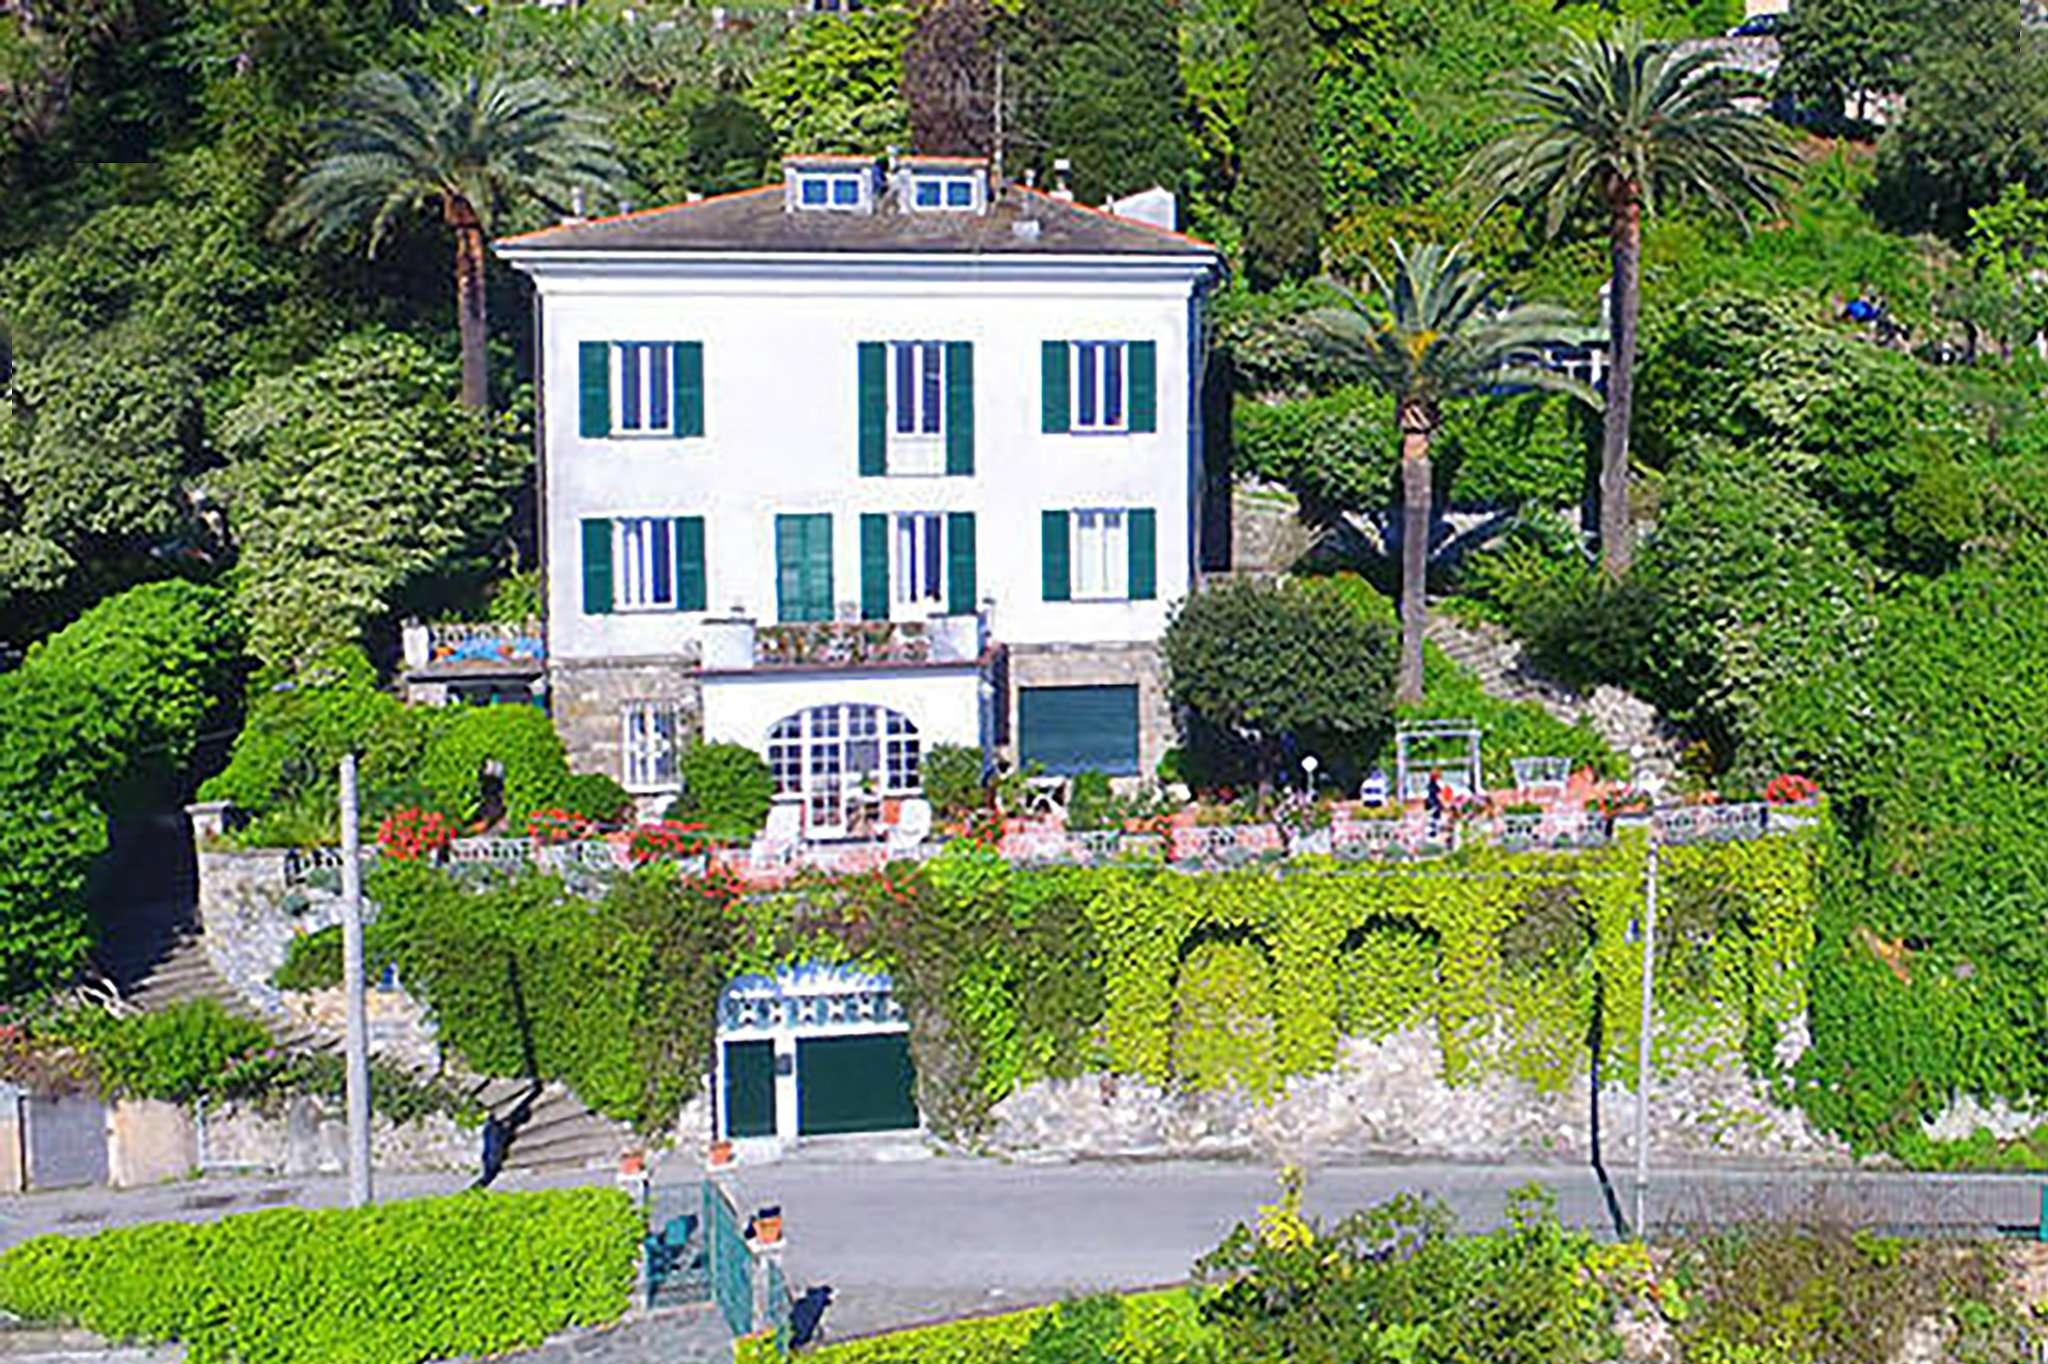 Villa in Vendita a Santa Margherita Ligure via repellini